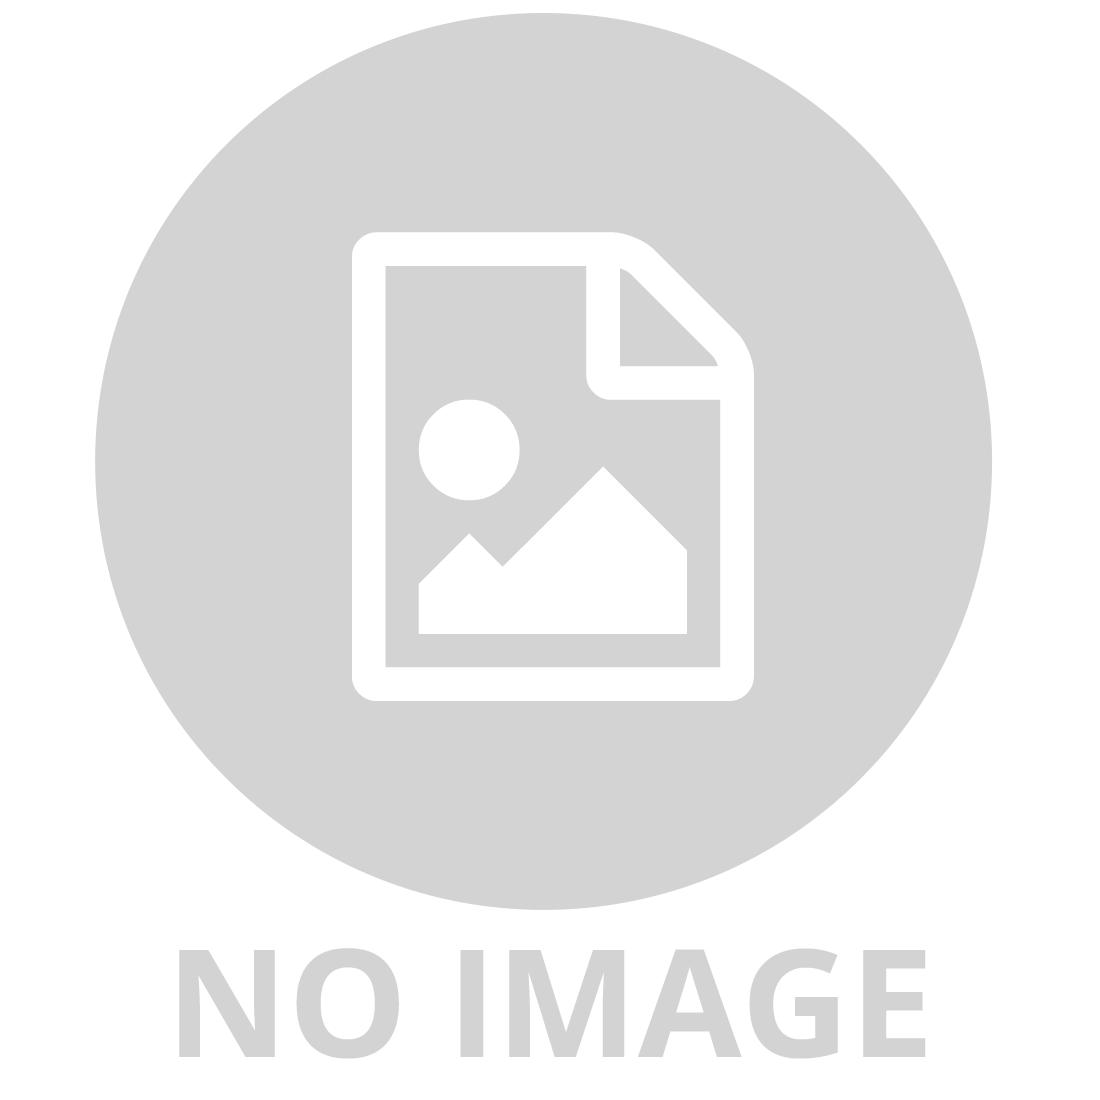 RAVENSBURGER 300PC LARGE FORMAT JIGSAW PUZZLE SPRING AWAKENING PUZZLE